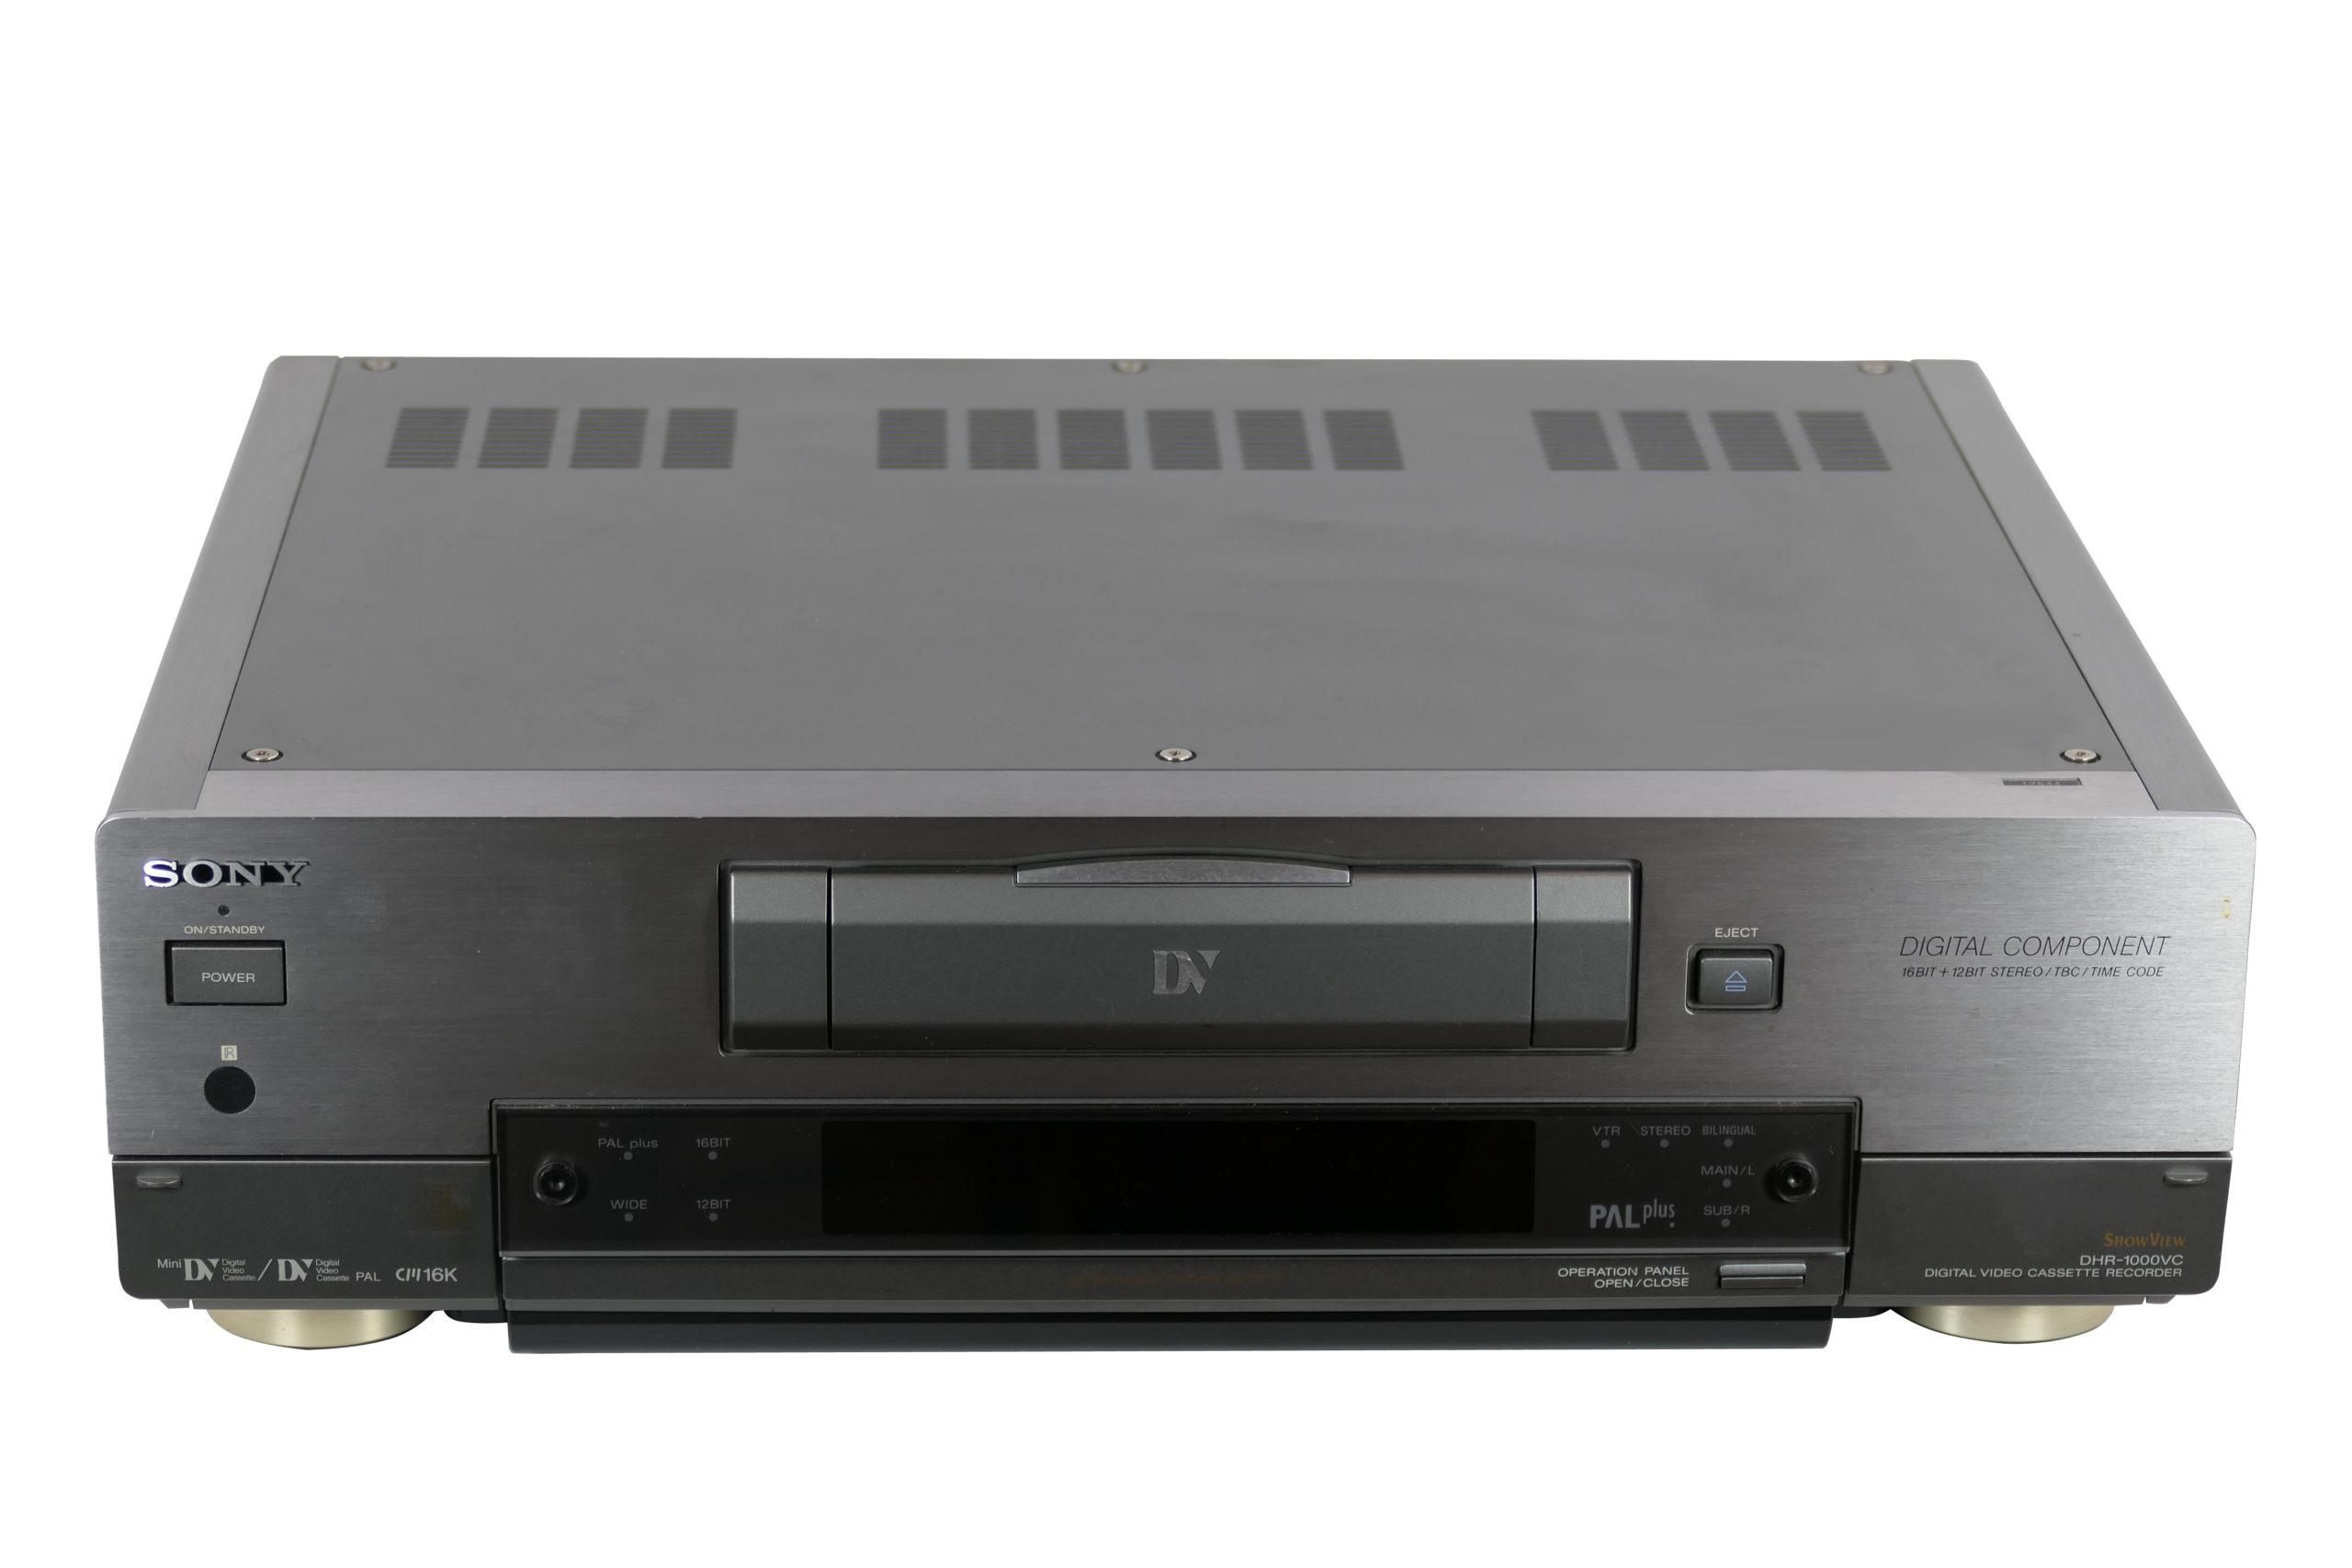 sony dv - sony mini dv - sony dhr 1000 mini dv inn archive - Sony DV – Sony mini DV